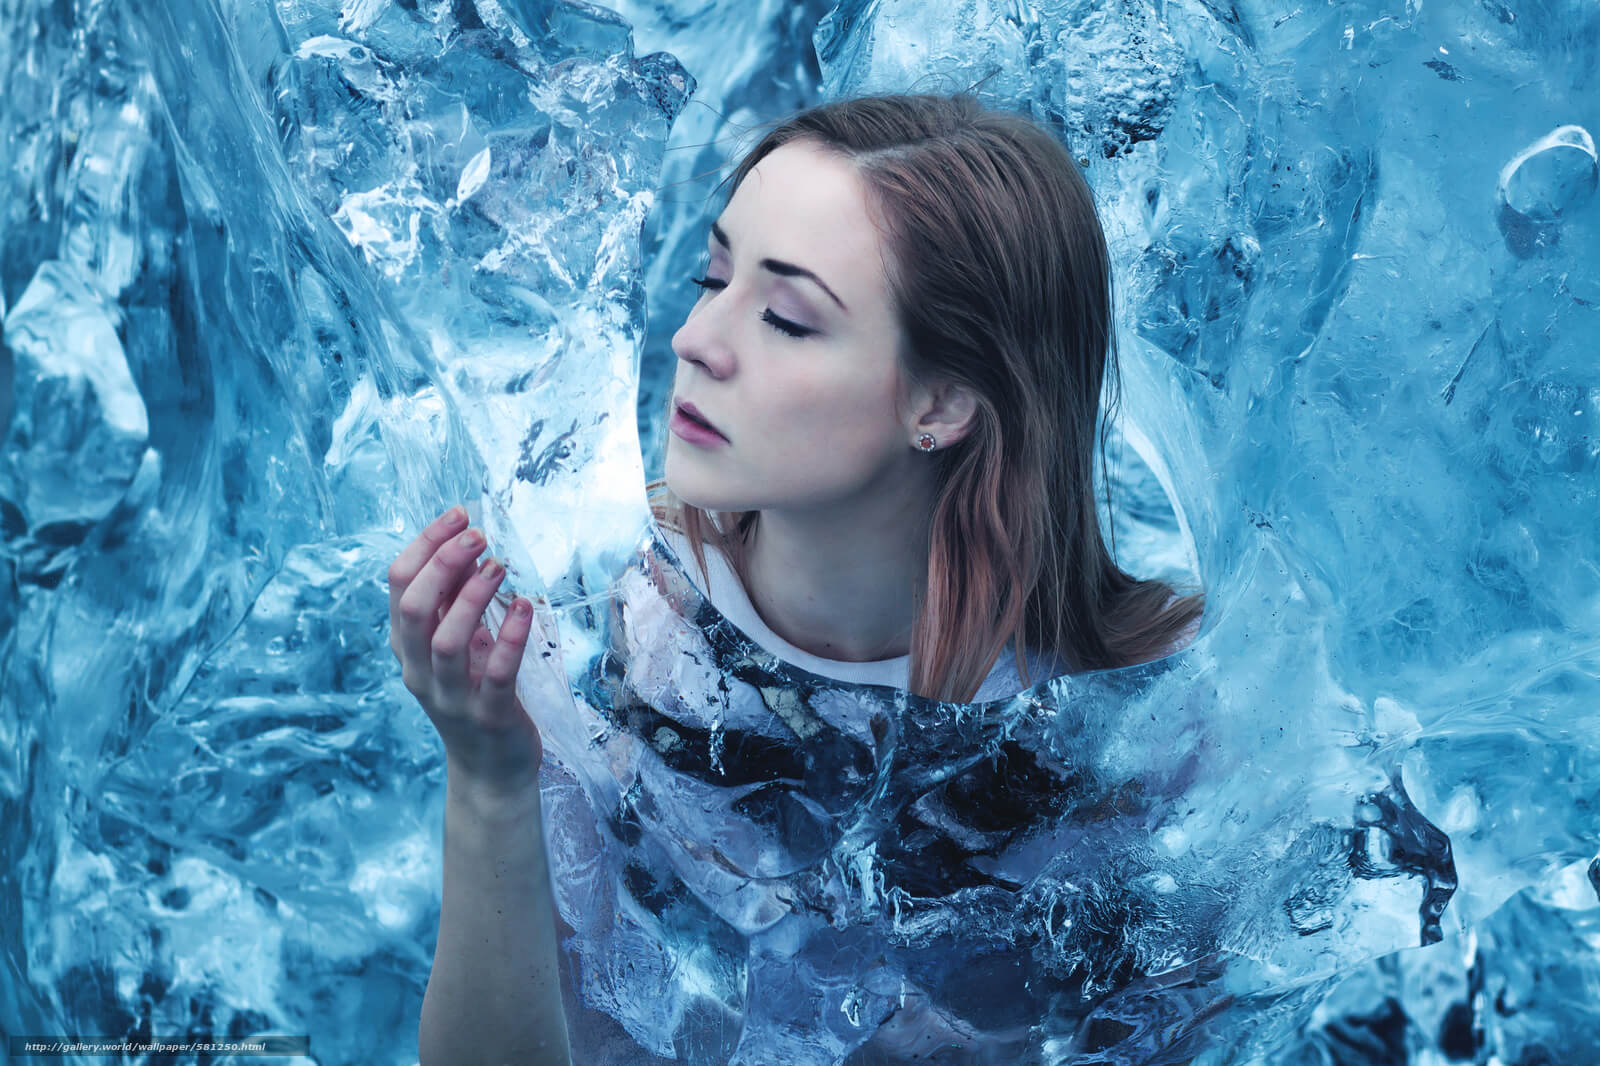 Криотерапия – лечение холодом ринита в ЛОР клинике